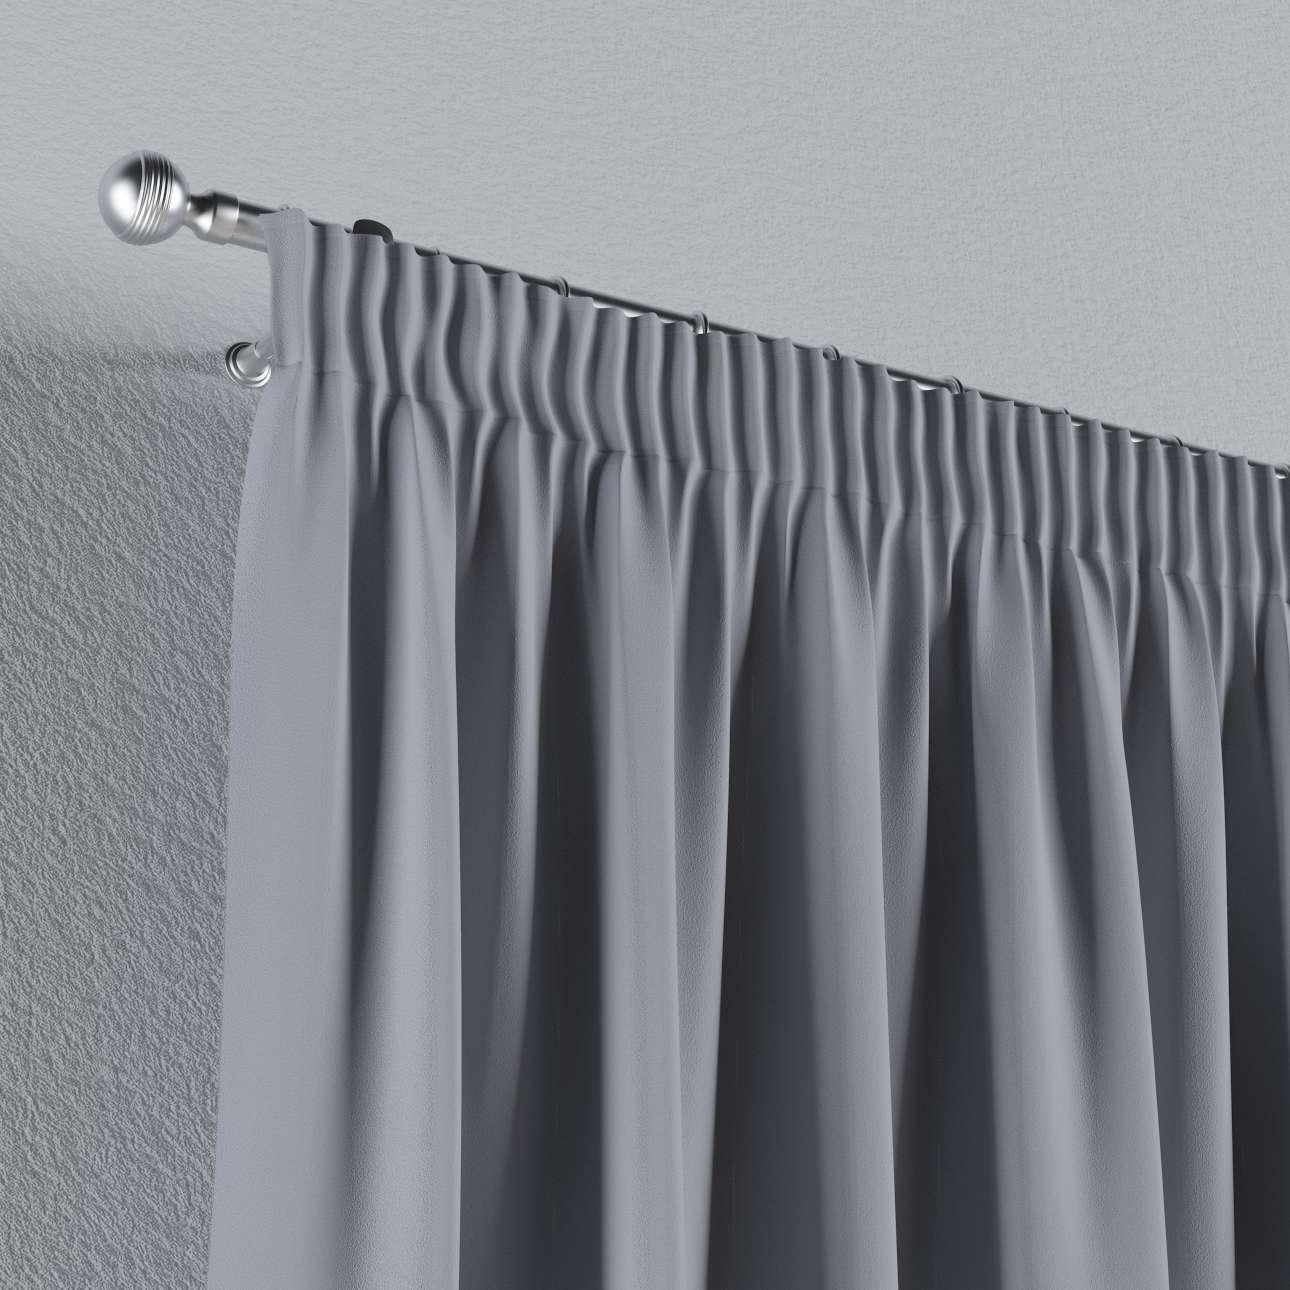 Mörkläggande gardin med rynkband 1 längd 140x260 cm i kollektionen Blackout (mörkläggande), Tyg: 269-96